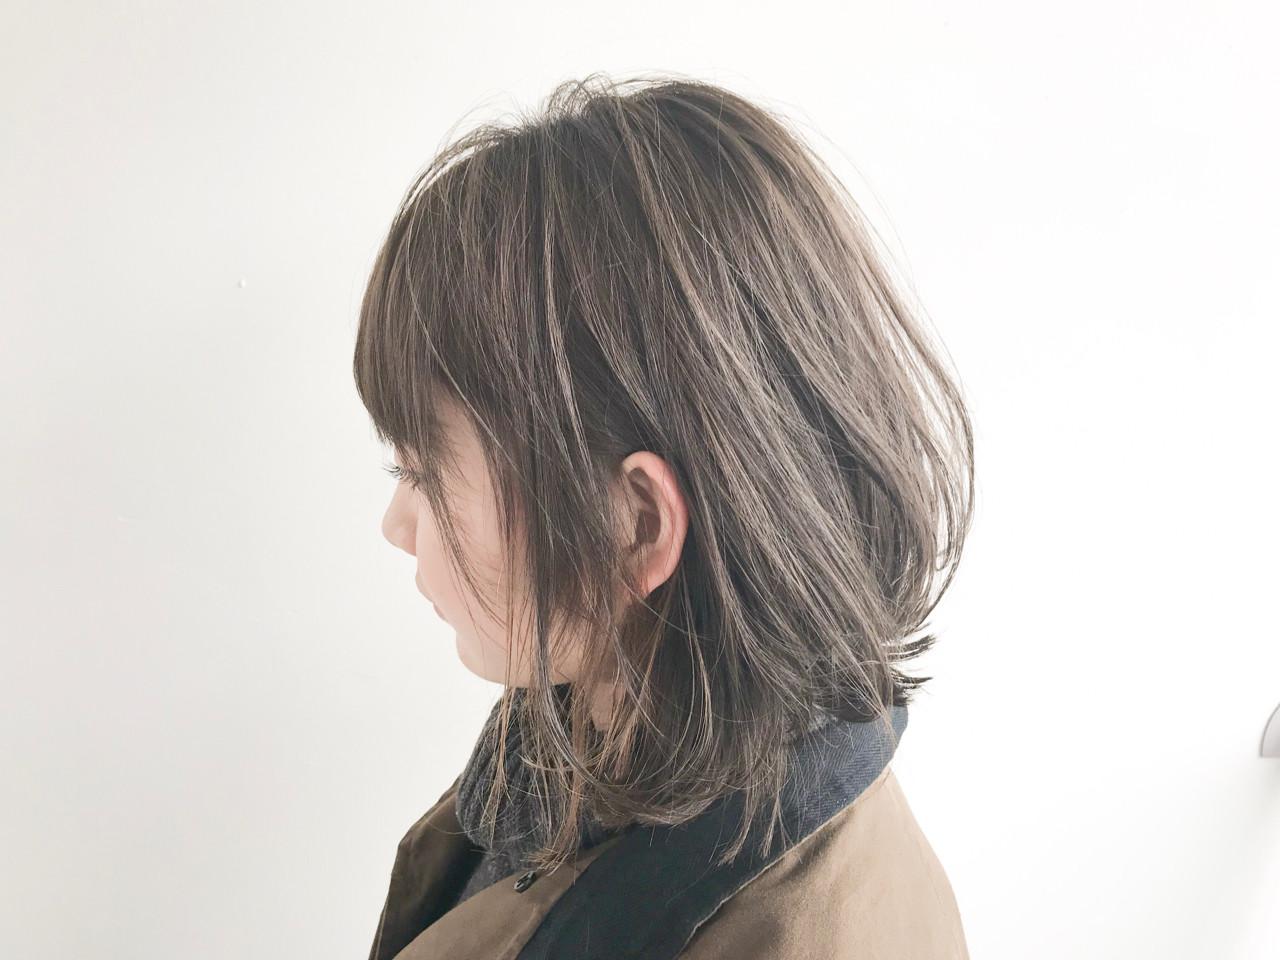 ボブ ナチュラル 大人かわいい 色気 ヘアスタイルや髪型の写真・画像 | 石井知希 / anmani